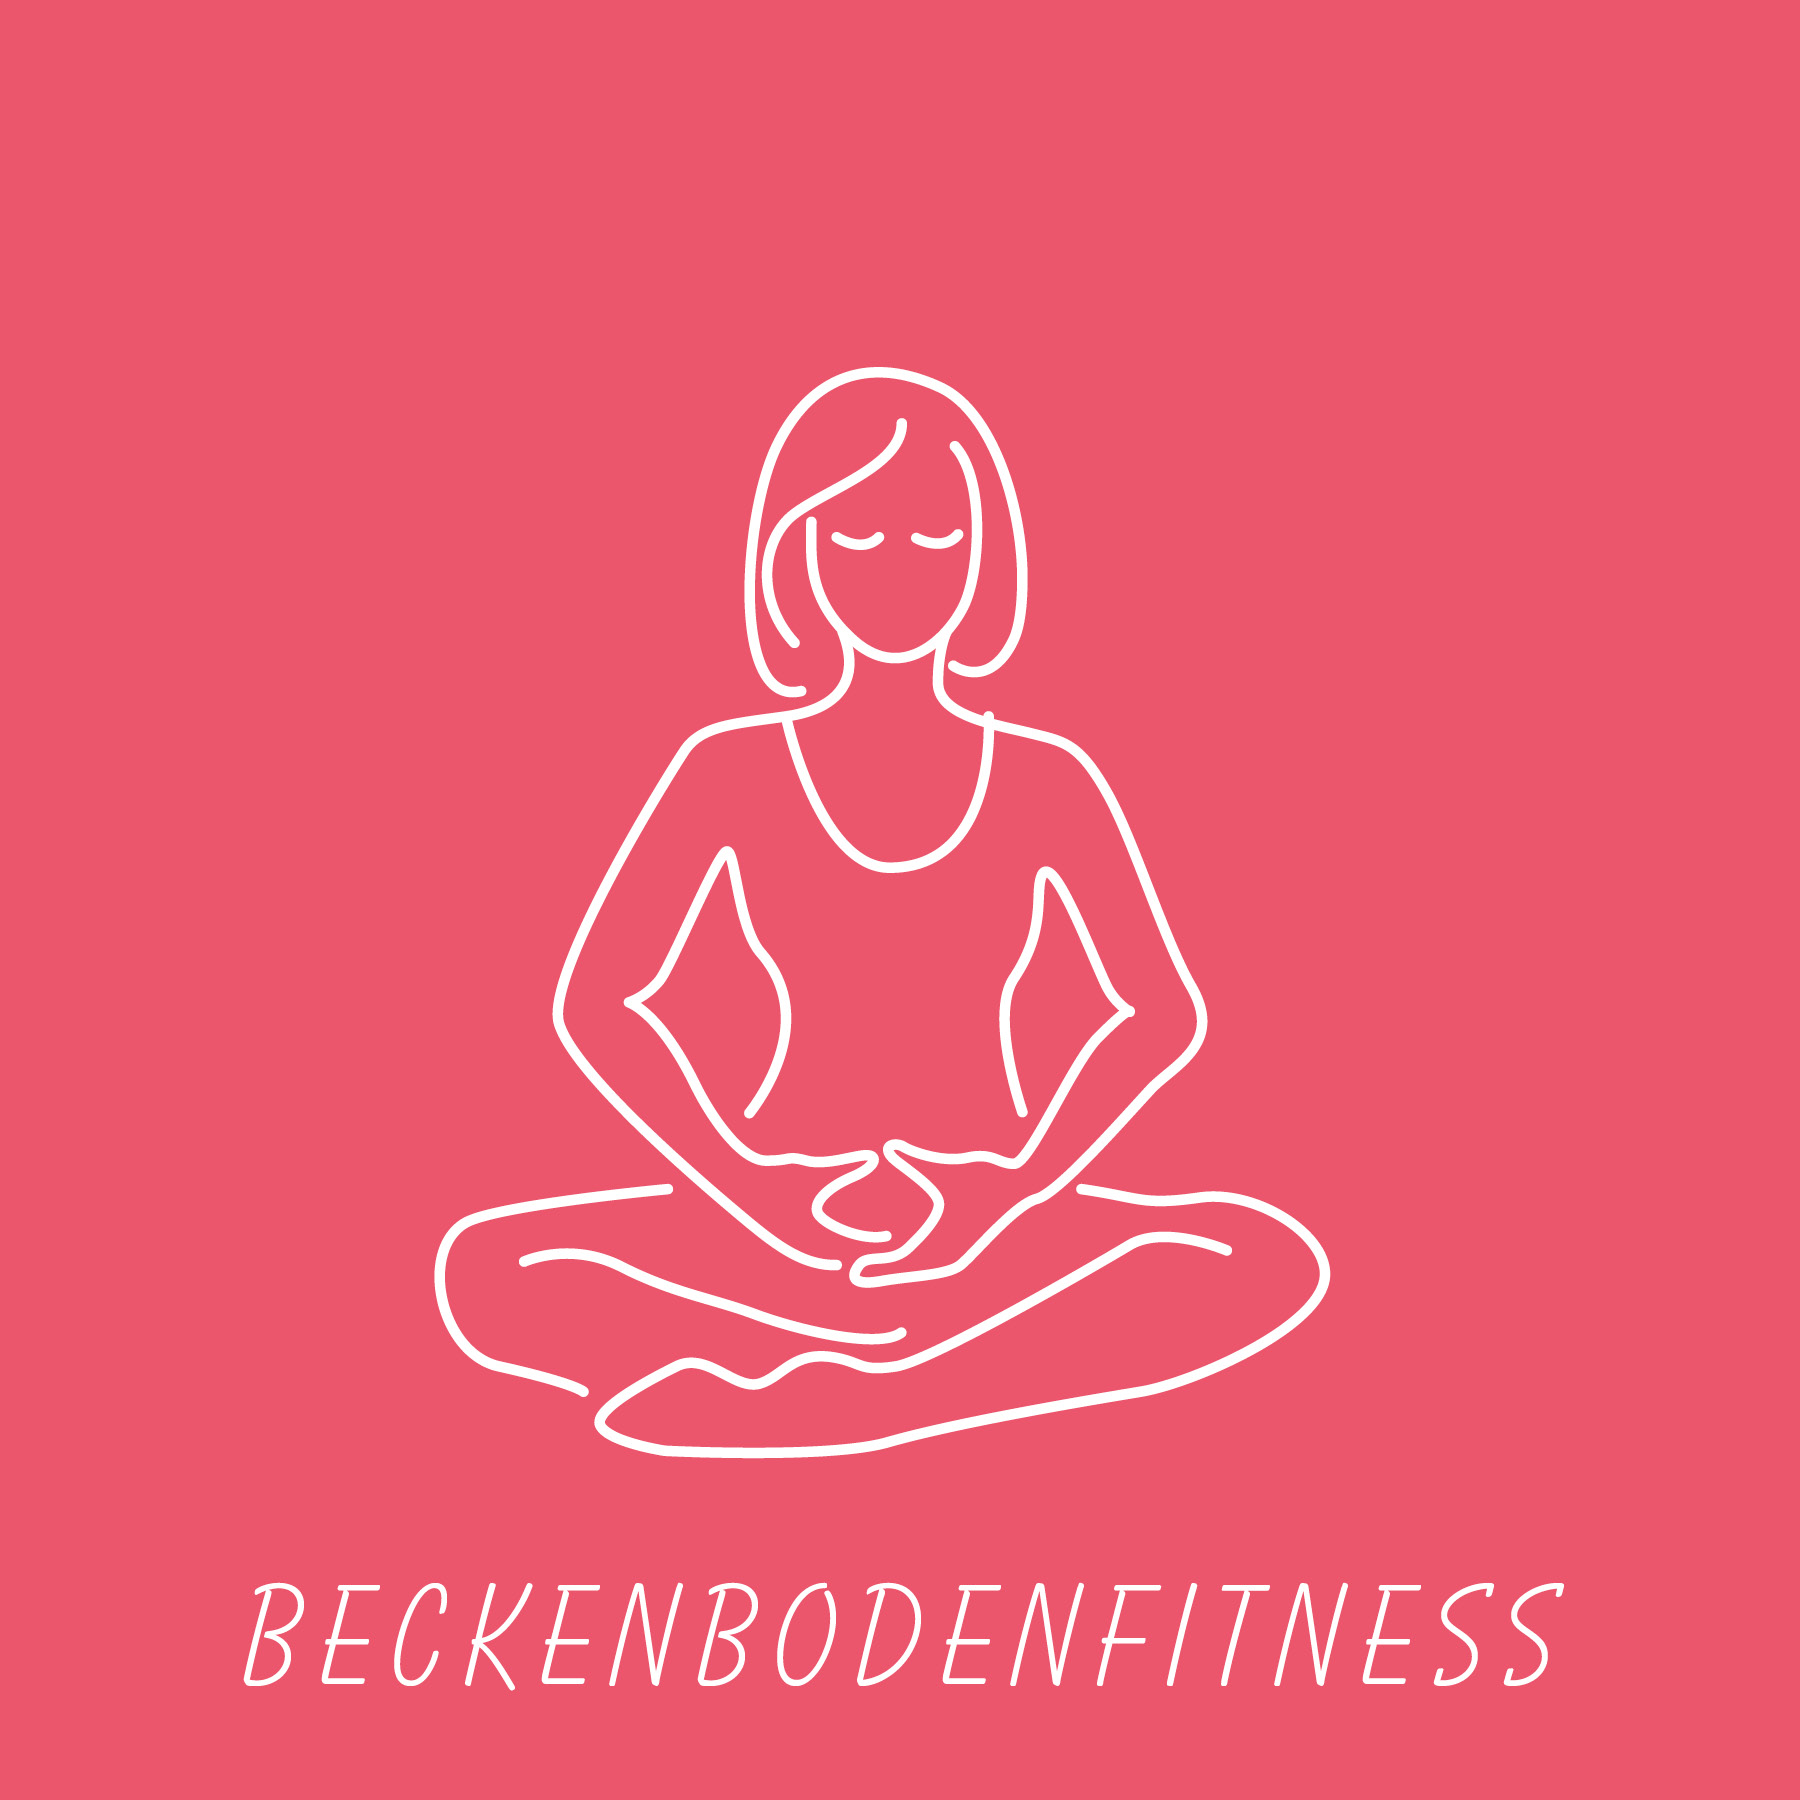 Kurs Beckenbodenfitness